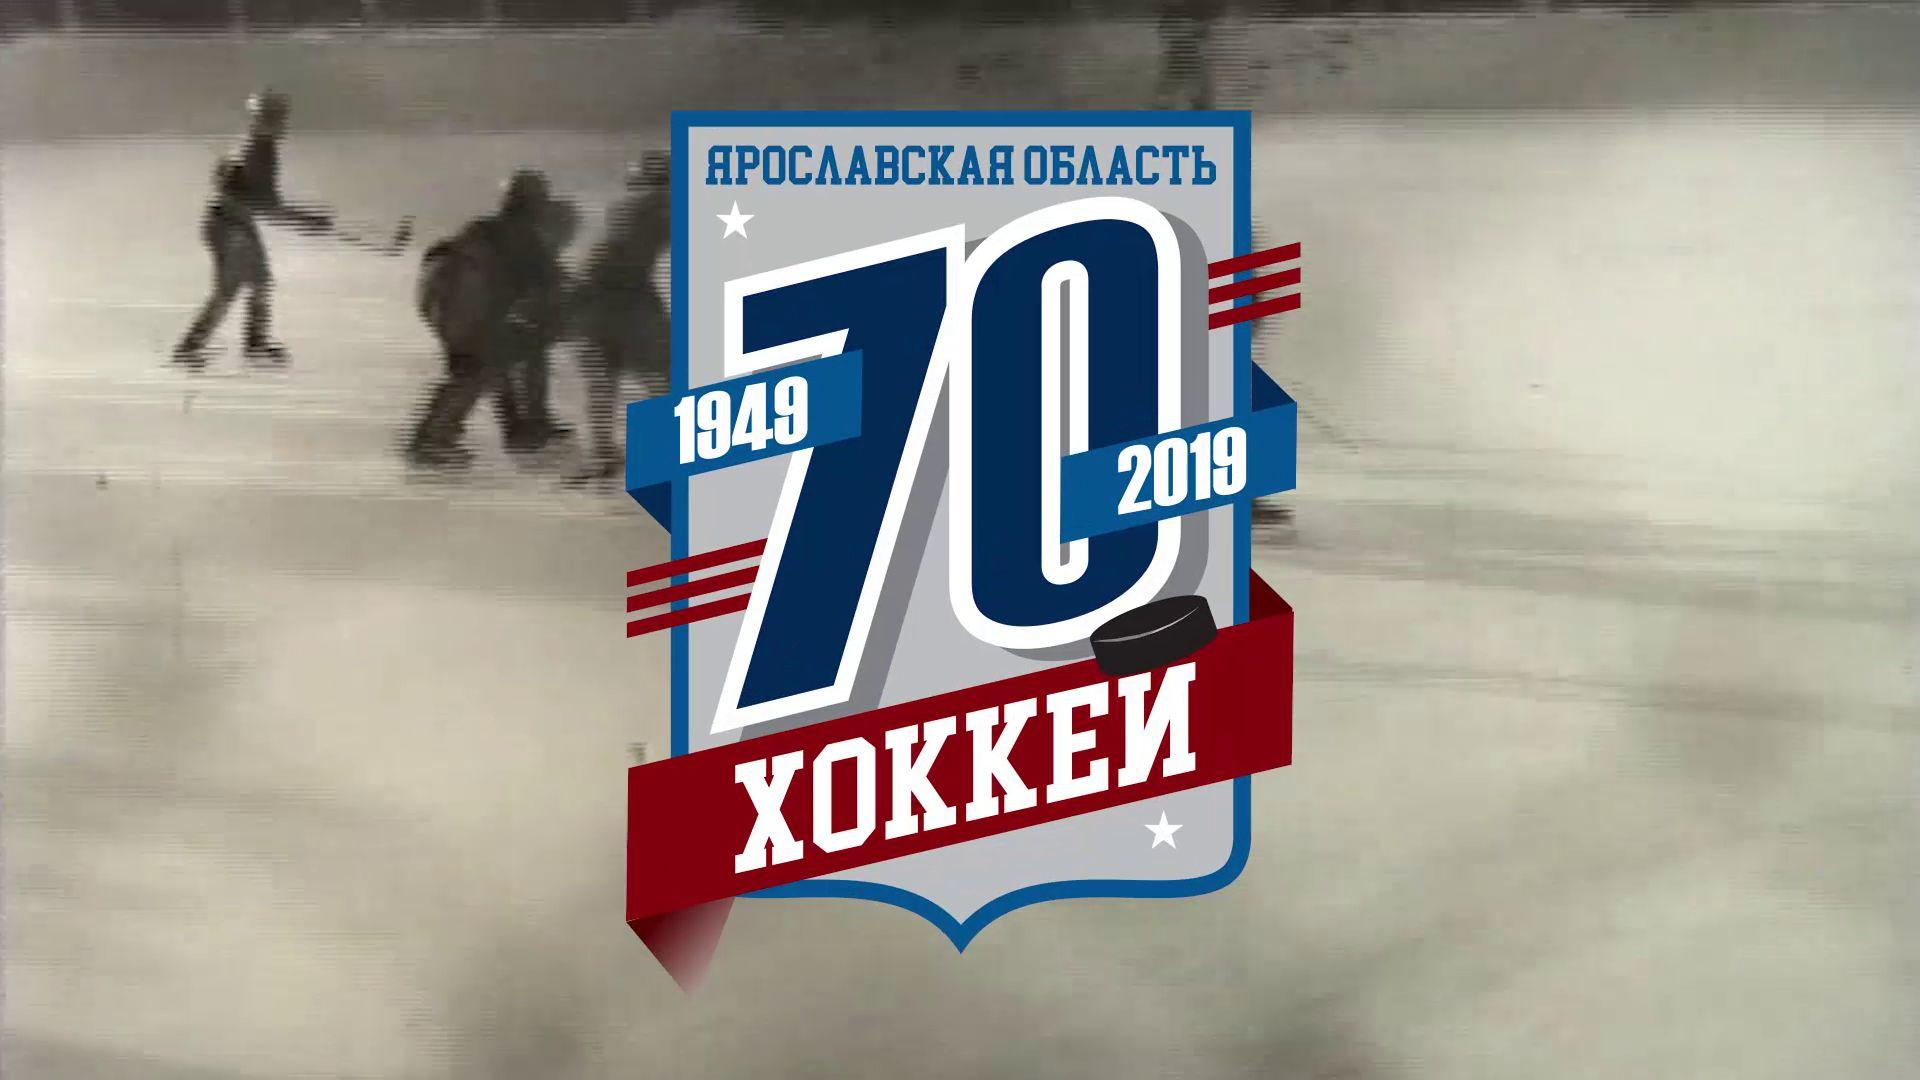 «Первый Ярославский» и «Мамульки Бенд» презентовали клип, посвященный 70-летию хоккея в Ярославский области